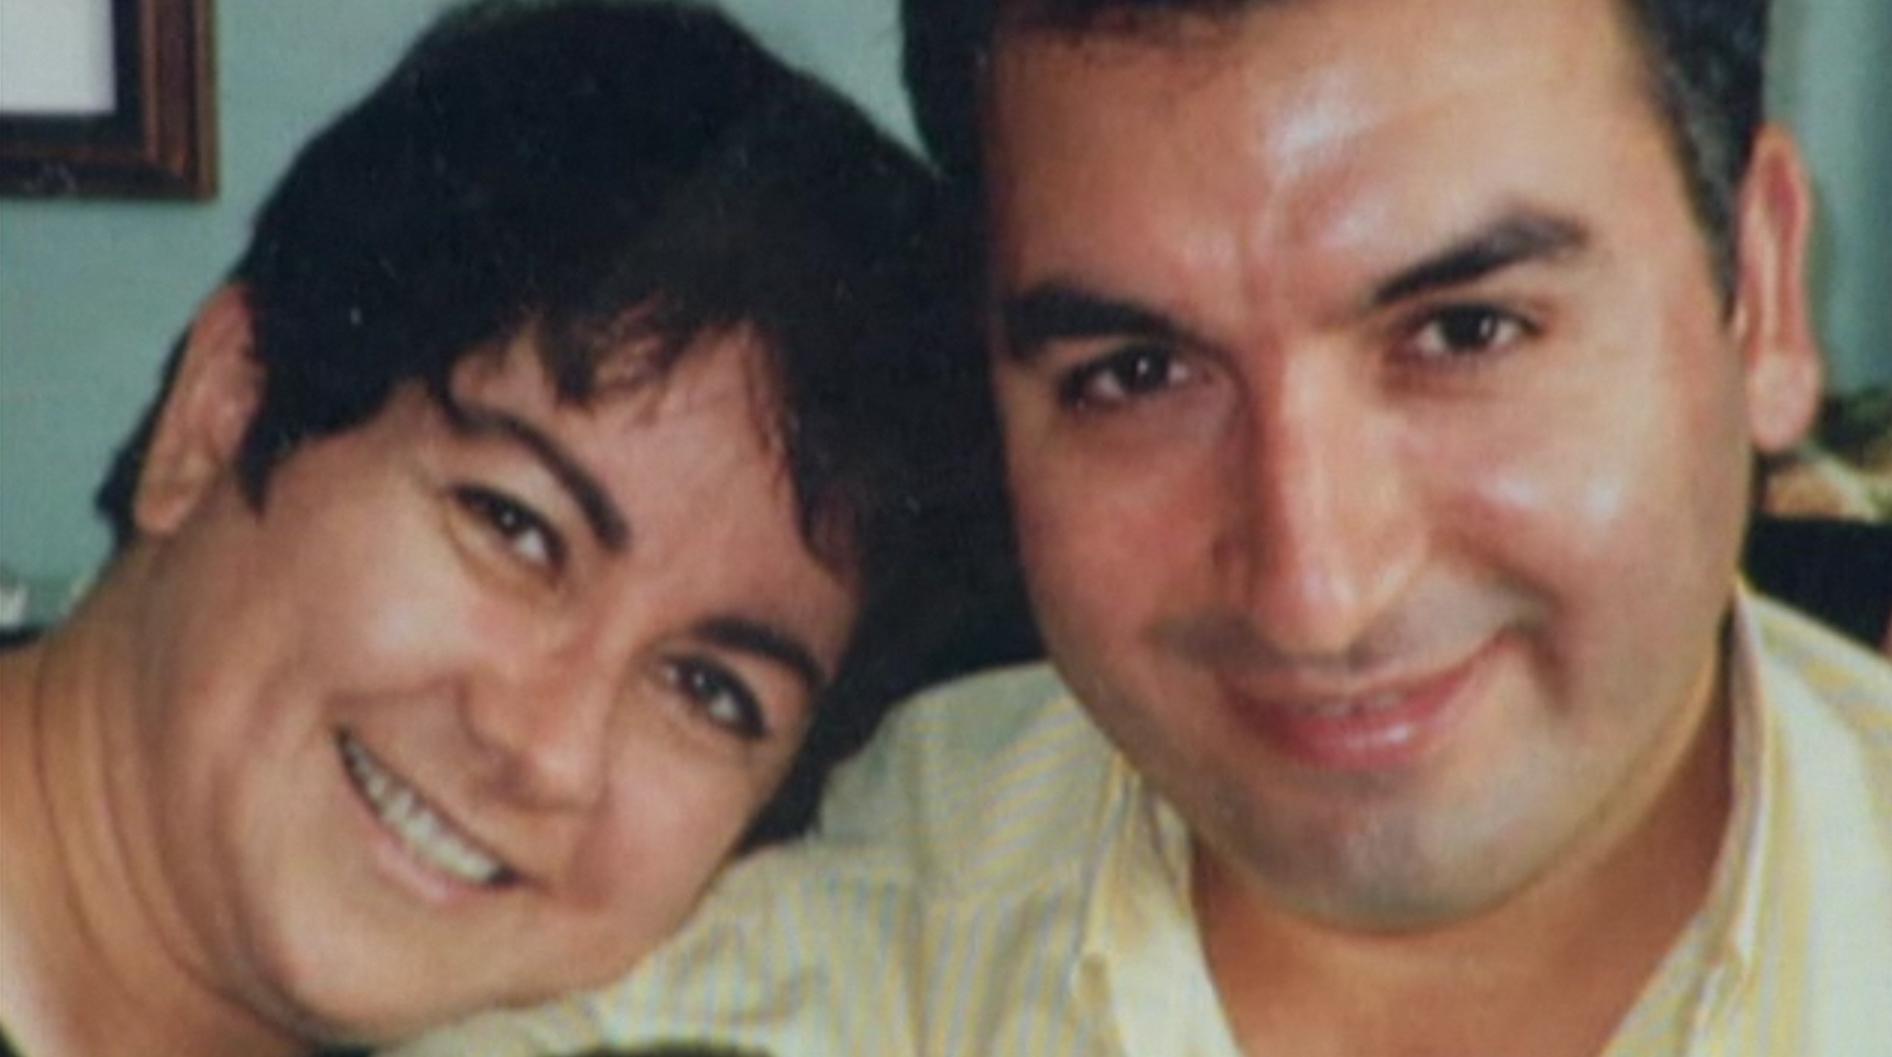 حمید قاسمیشال (راست) قبل از دستگیری در ایران به (جرم جاسوسی)، ساکن تورنتو بود. آنتونلا مگا همسر حمید، باور دارد که حمید جاسوس نیست و از سال 2008 تا کنون برای آزادی او تلاش میکند